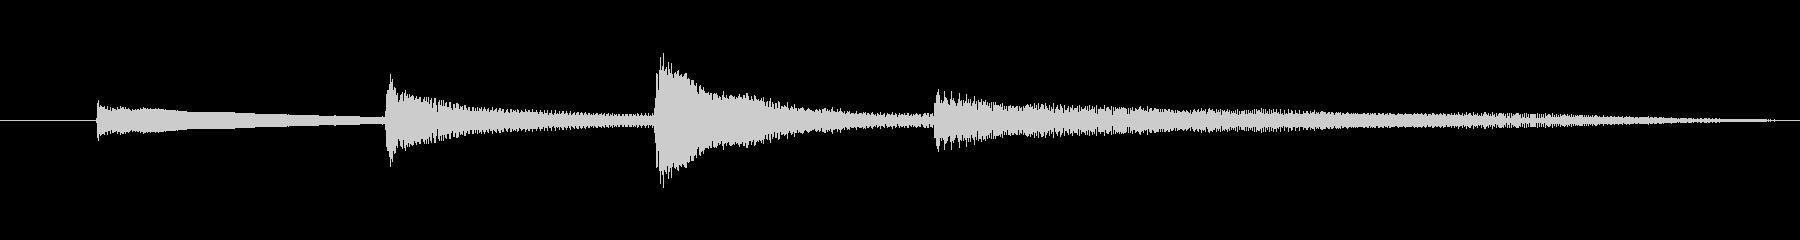 【録音】放送終了音(アコギ)の未再生の波形